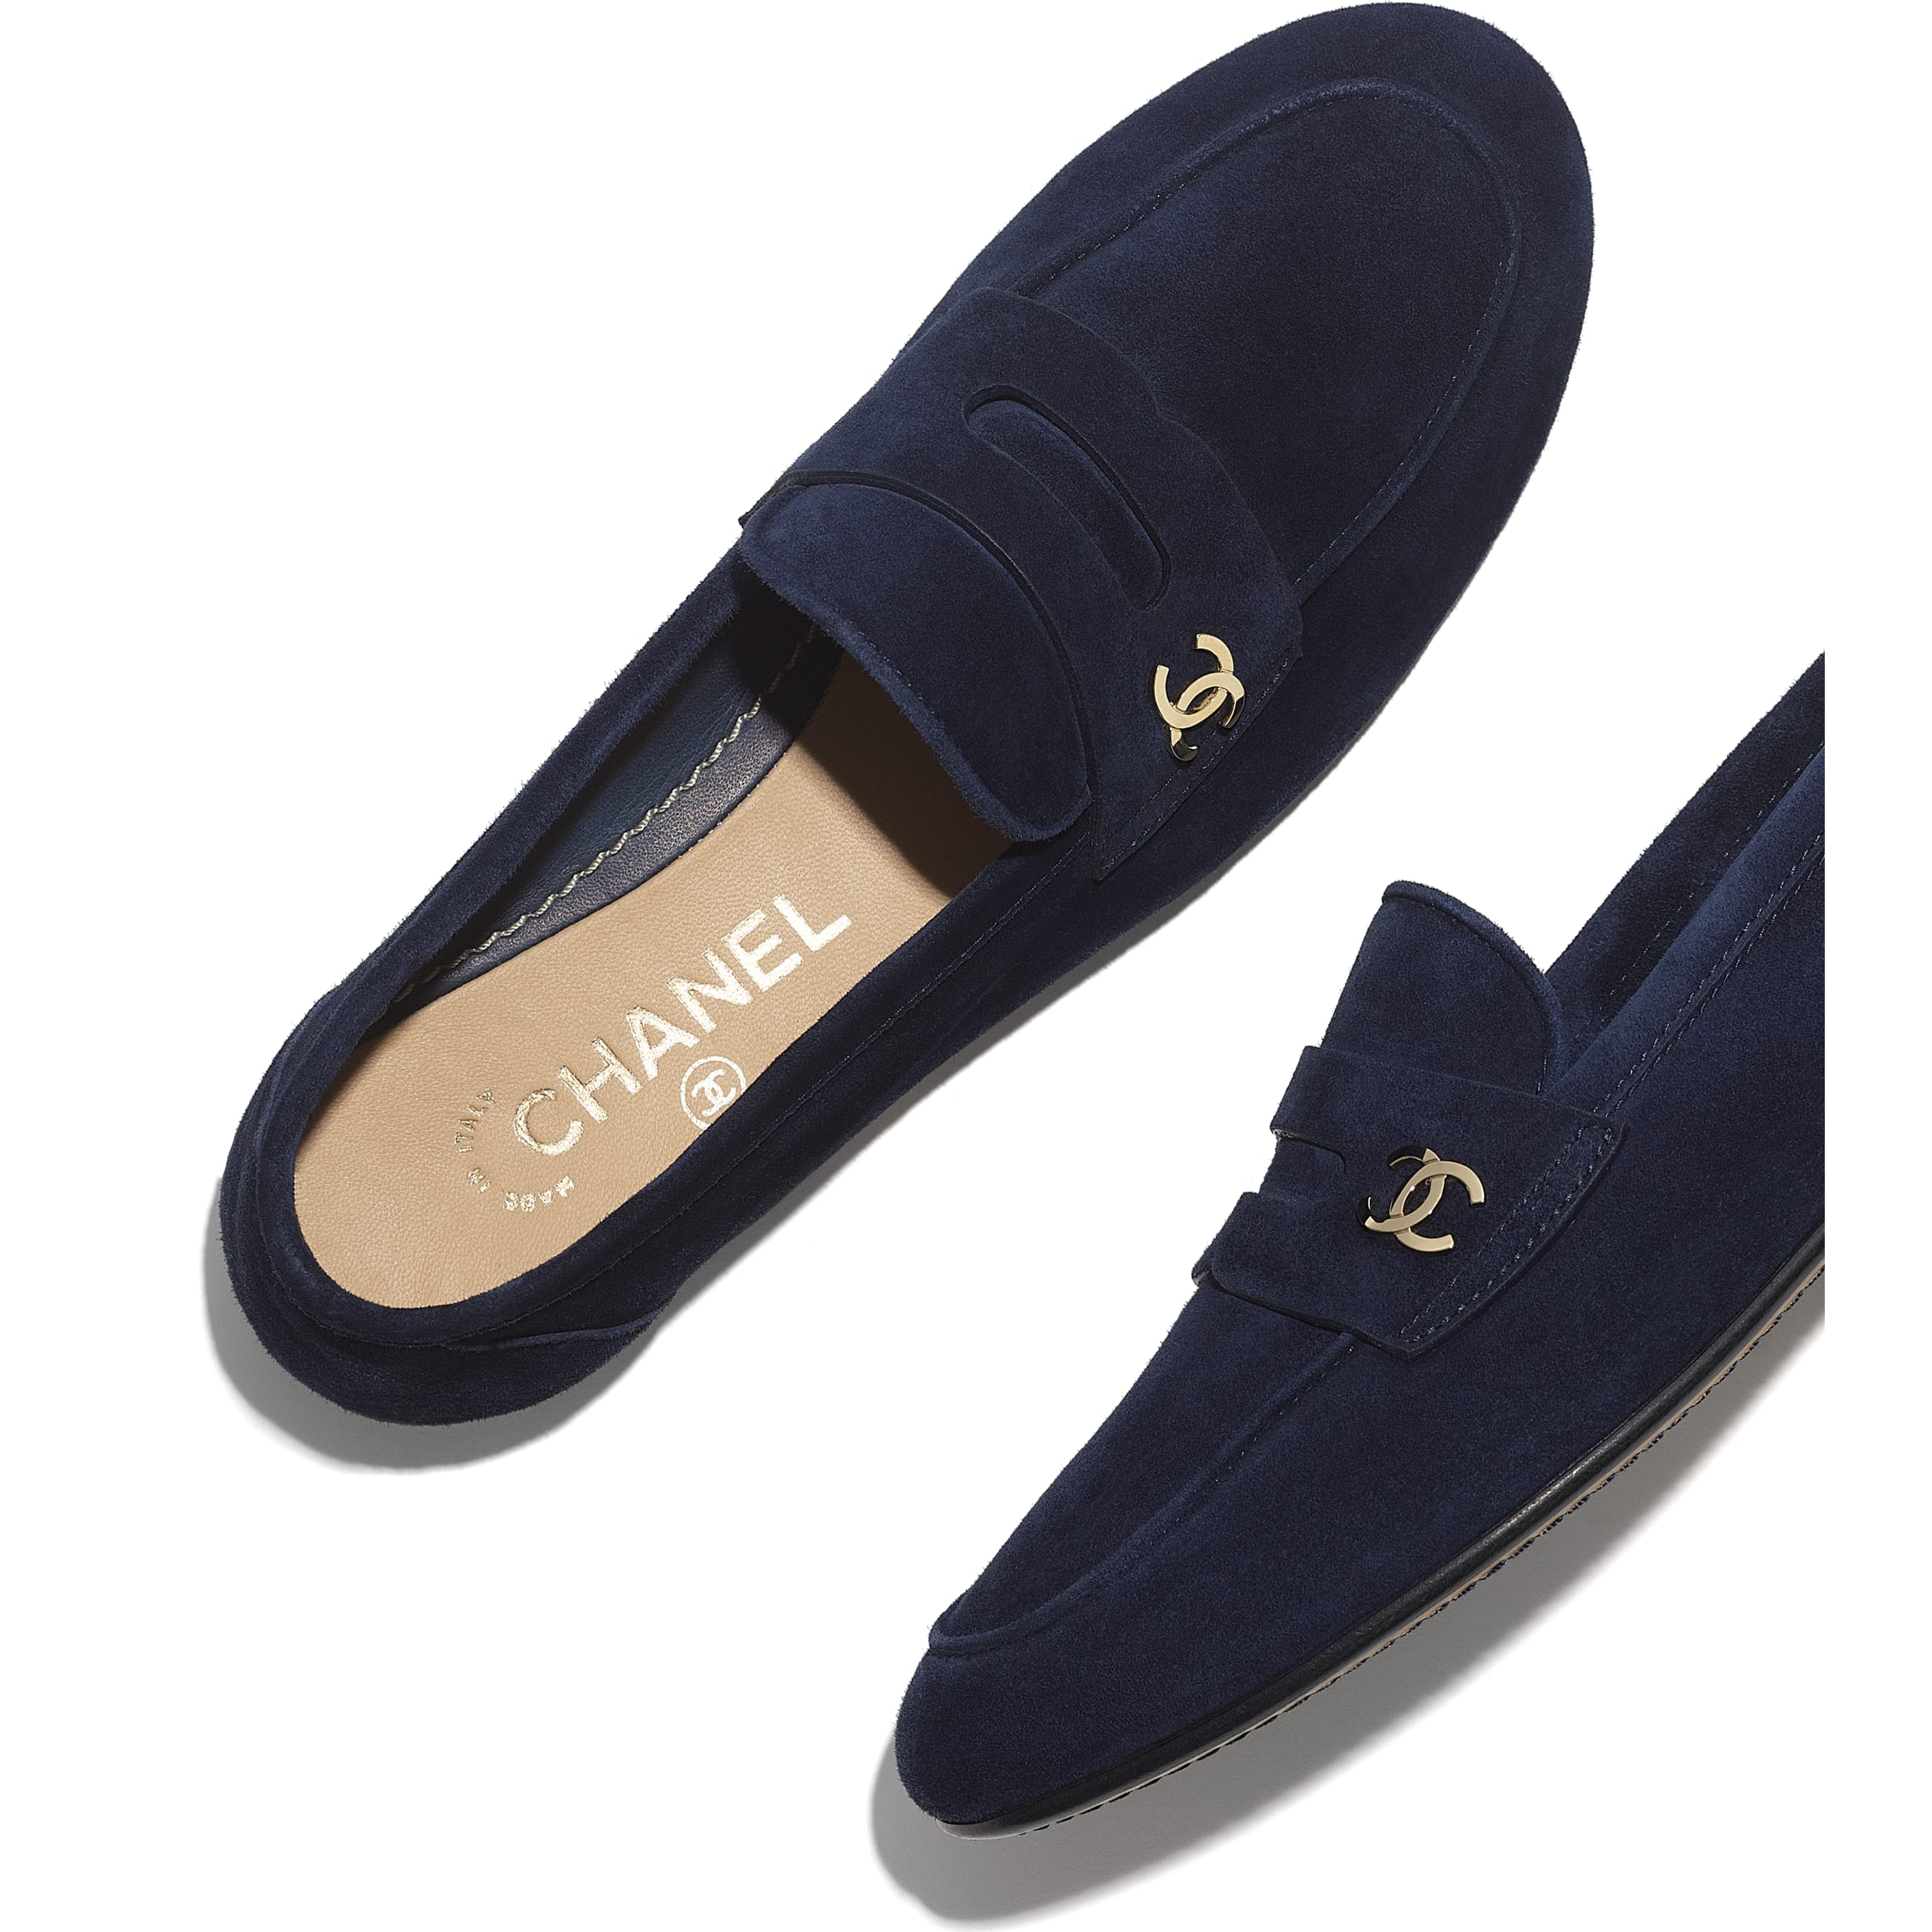 樂福鞋 - 海軍藍 - 小牛麂皮 - CHANEL - 額外視圖 - 查看標準尺寸版本